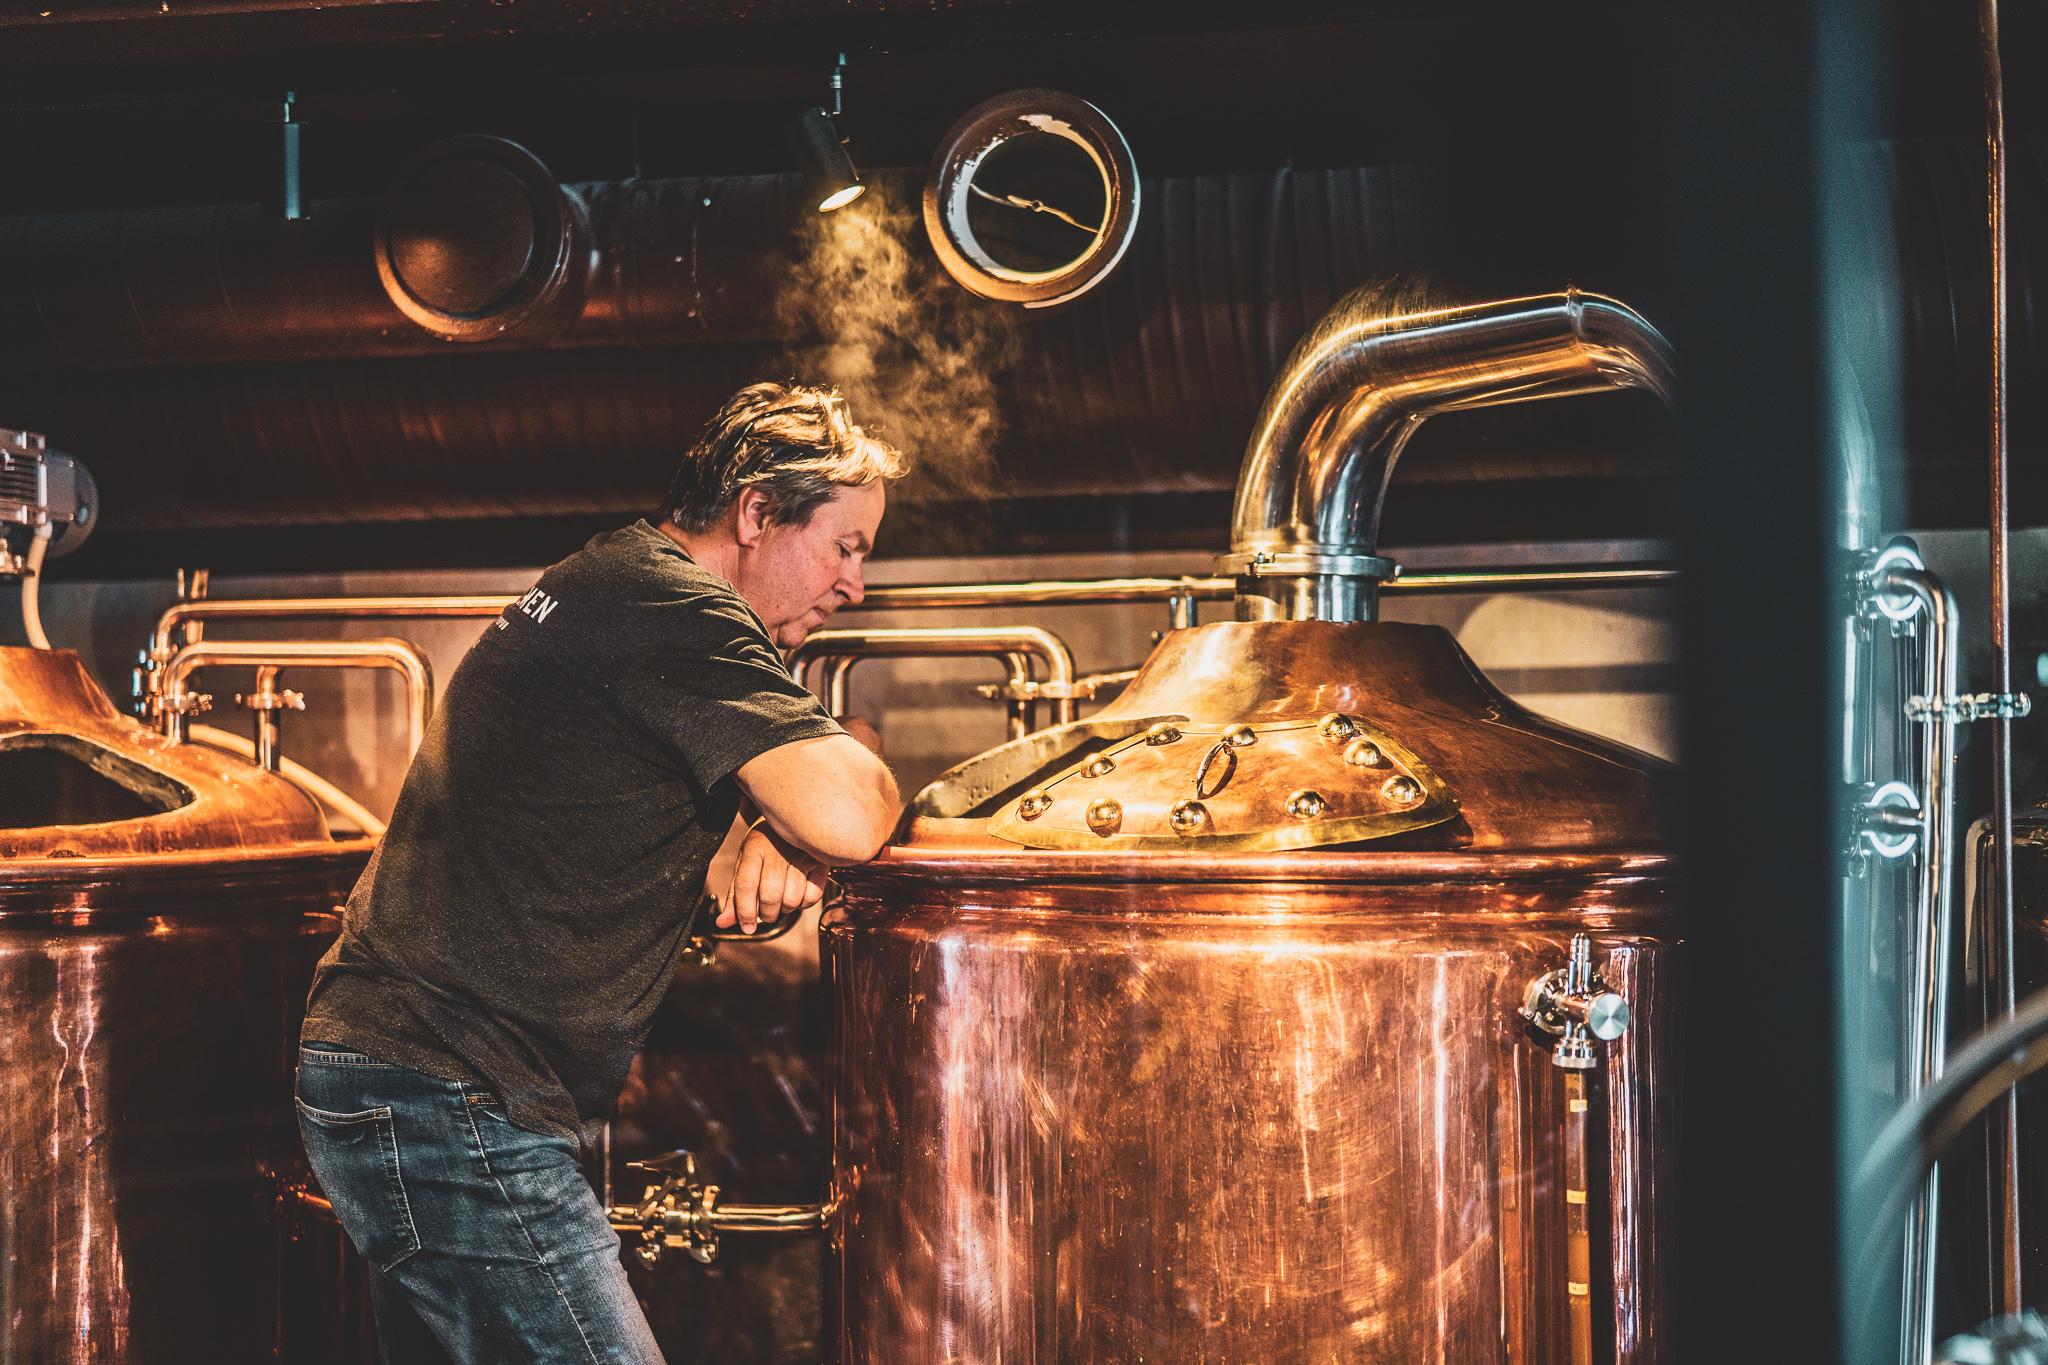 Mann på bryggeri